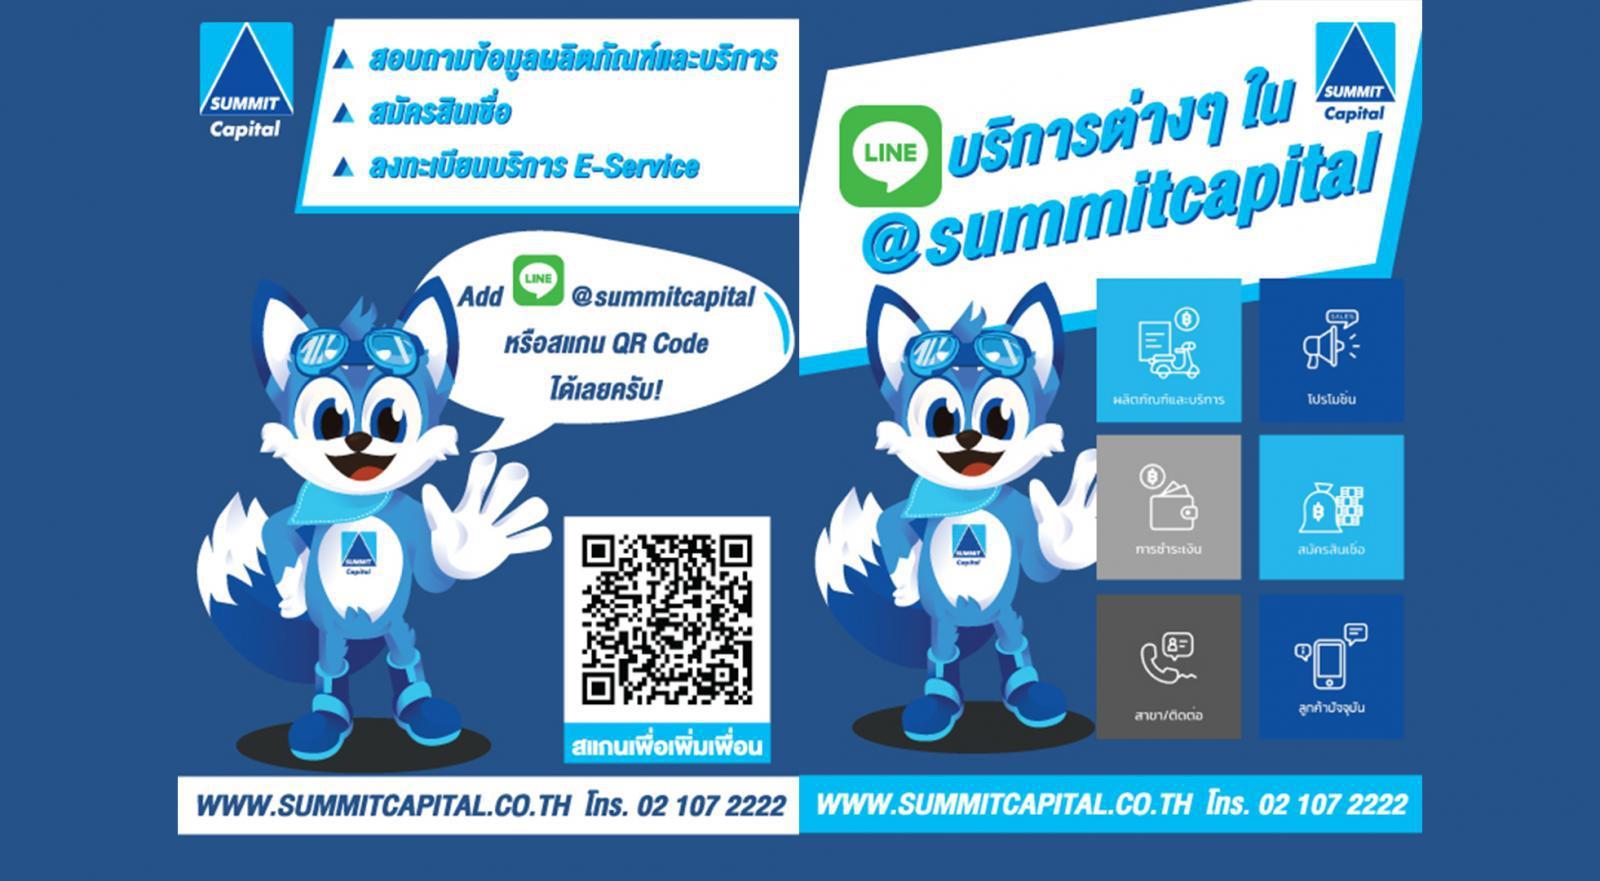 """ซัมมิท แคปปิตอล เปิดตัว LINE Official Account """"@summitcapital"""" ช่องทางใหม่ในการเข้าถึงลูกค้ายุคนิวนอร์มอล"""